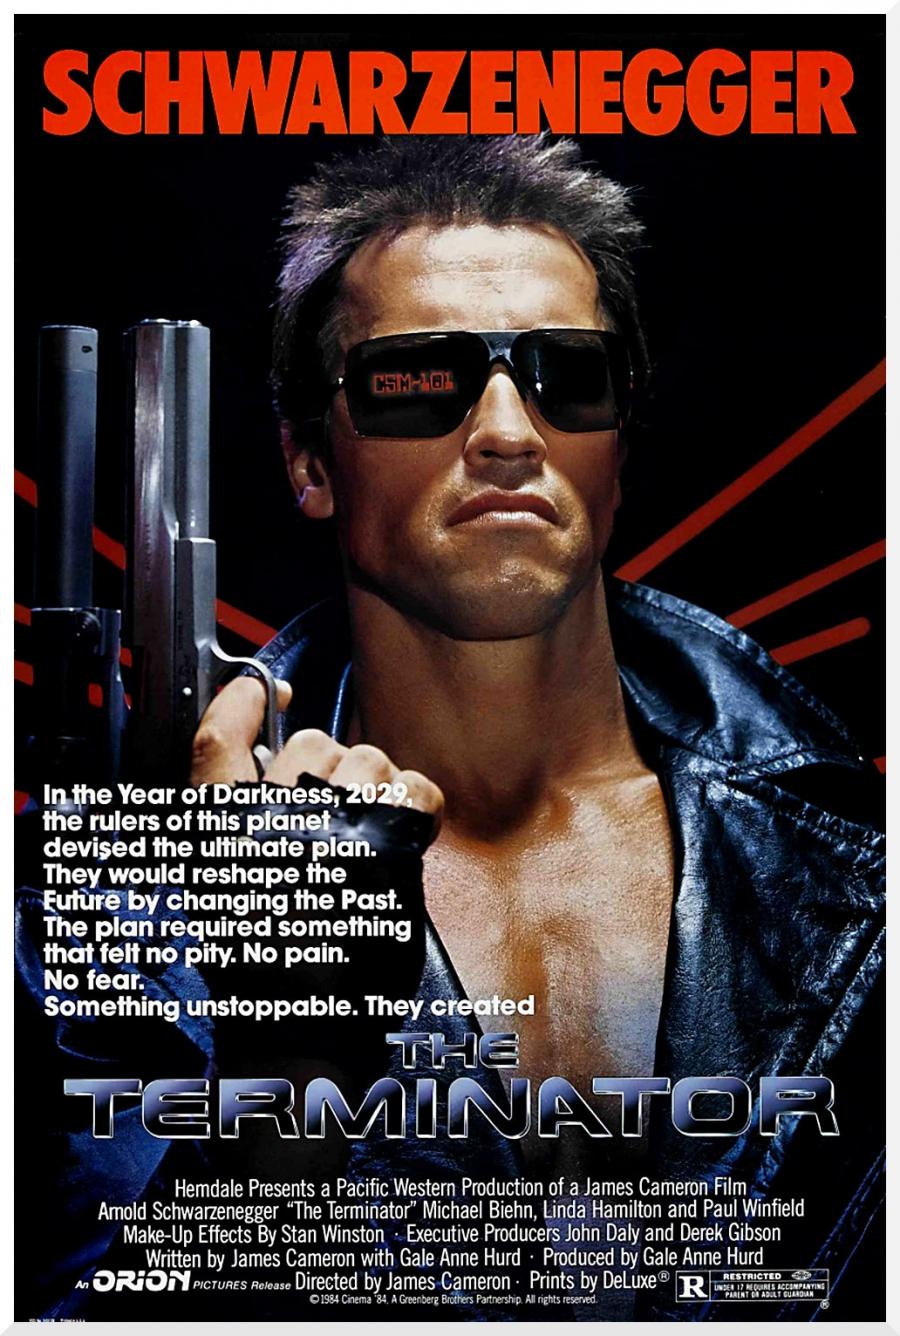 Терминатор УСК (1984)